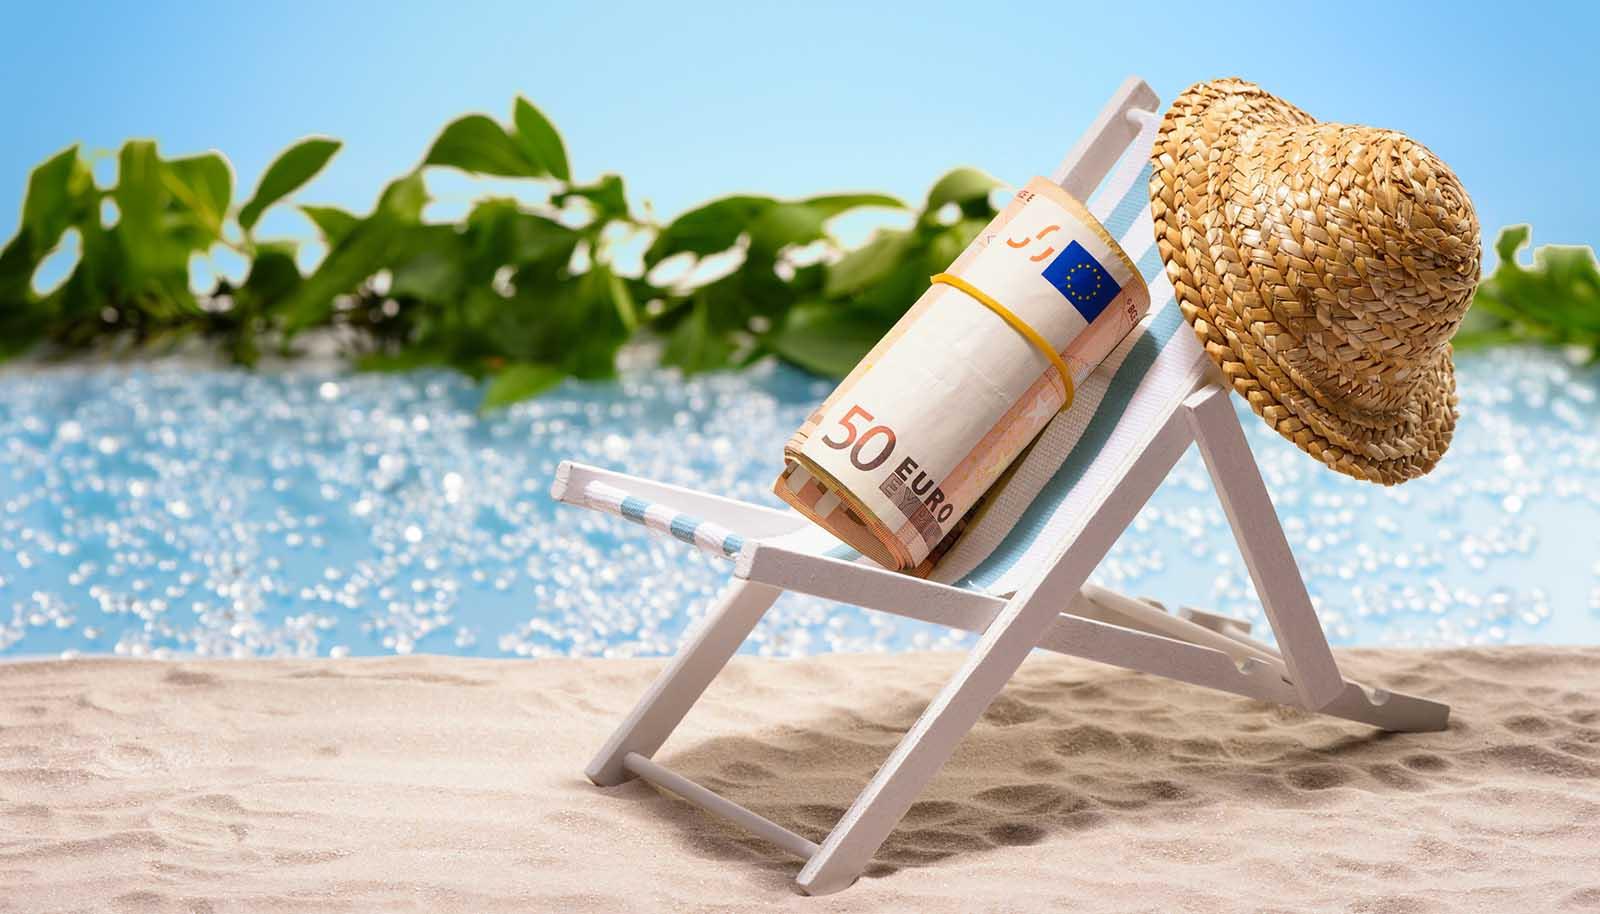 Fideiussione bancaria per visto turistico Segni - La soluzione migliore, rispetto a quella bancaria e a quella di istituti finanziari.